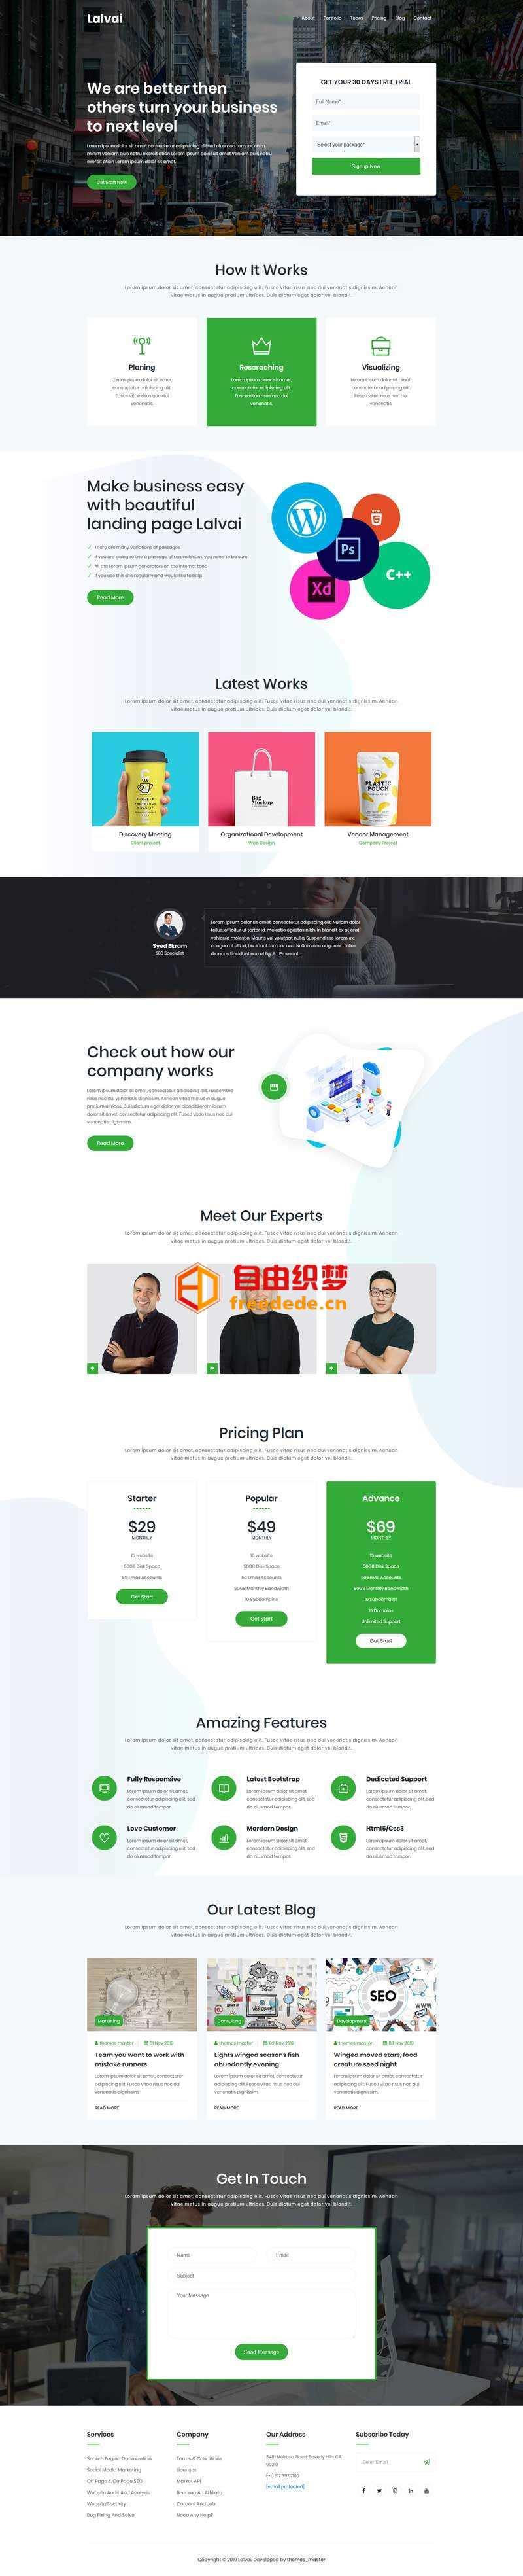 爱上源码网文章绿色的产品介绍订阅网站模板的内容插图